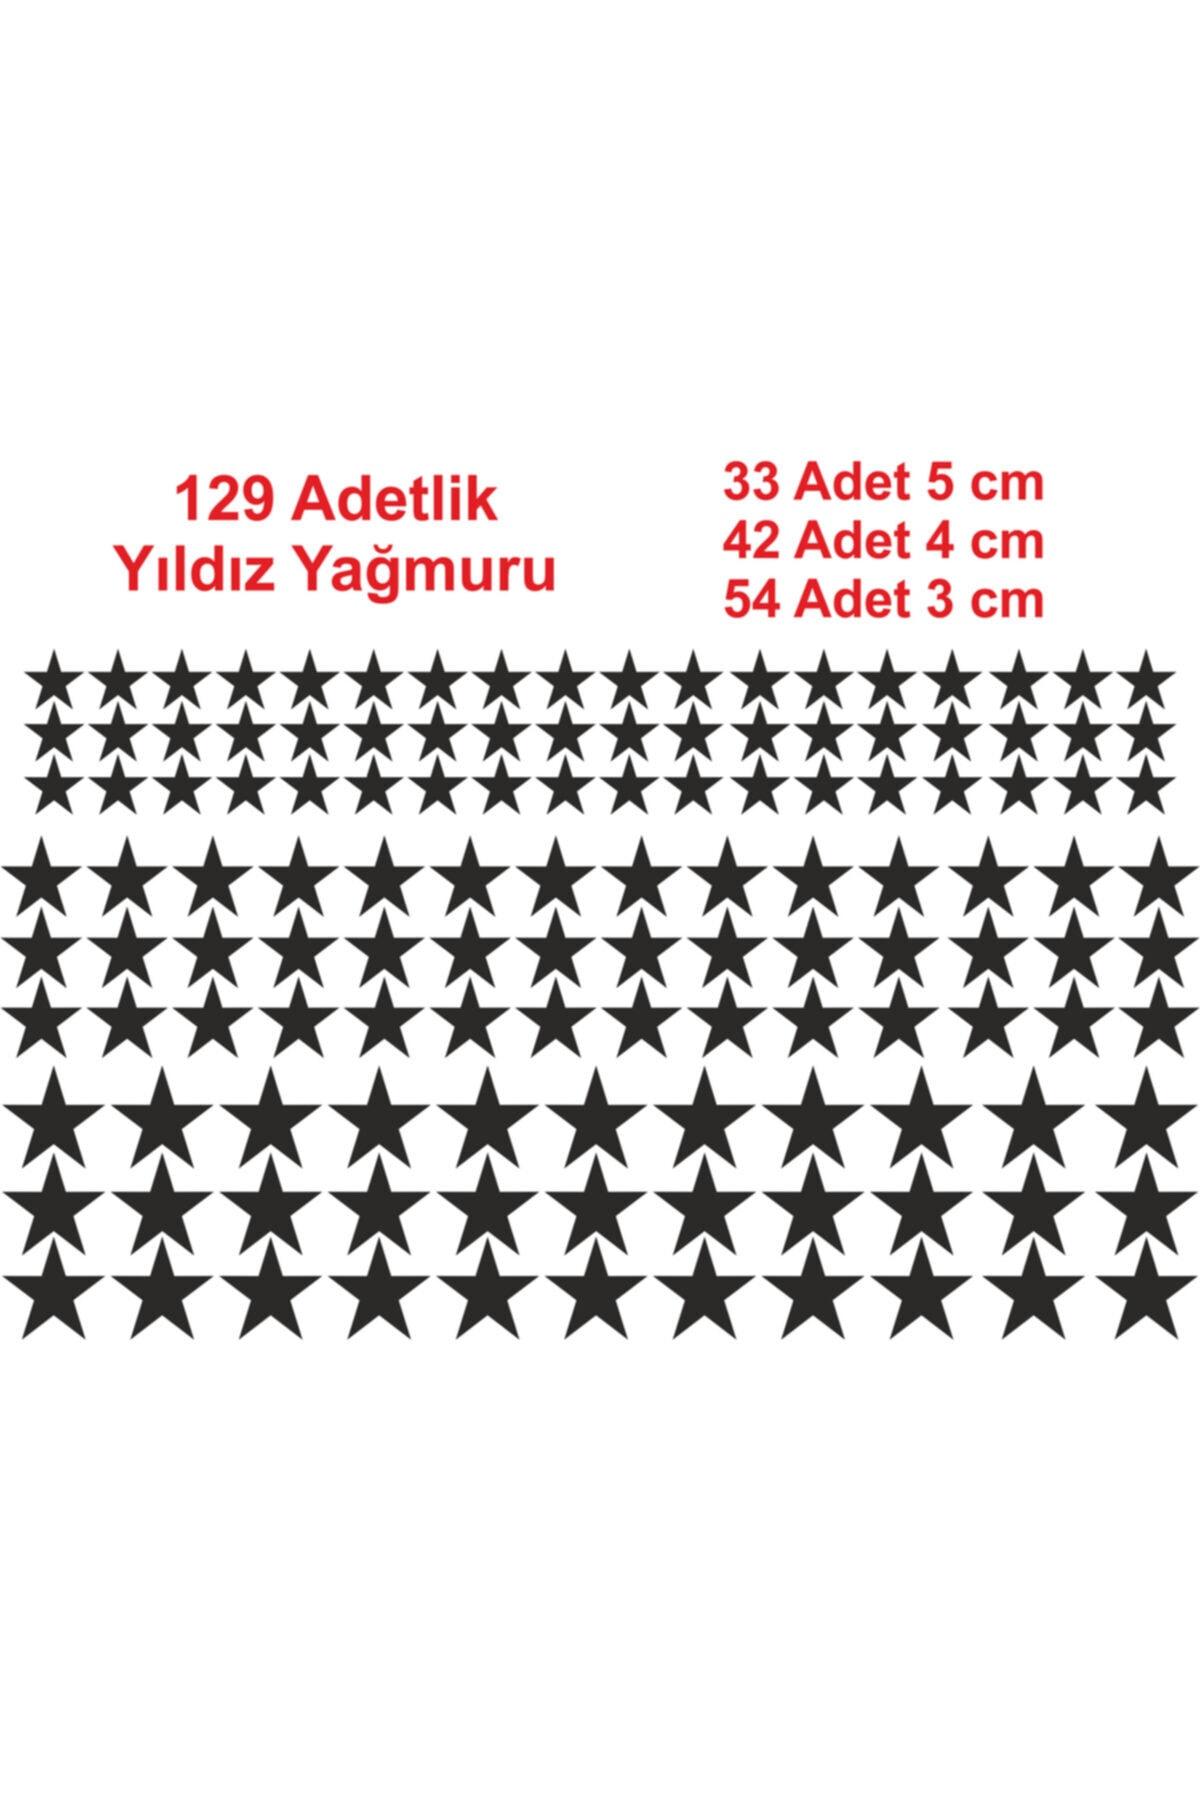 Oracal 129 Adetlik Yıldız Yağmuru Sticker, Siyah Renk, Çocuk Odası Sticker, Dekorasyon 2